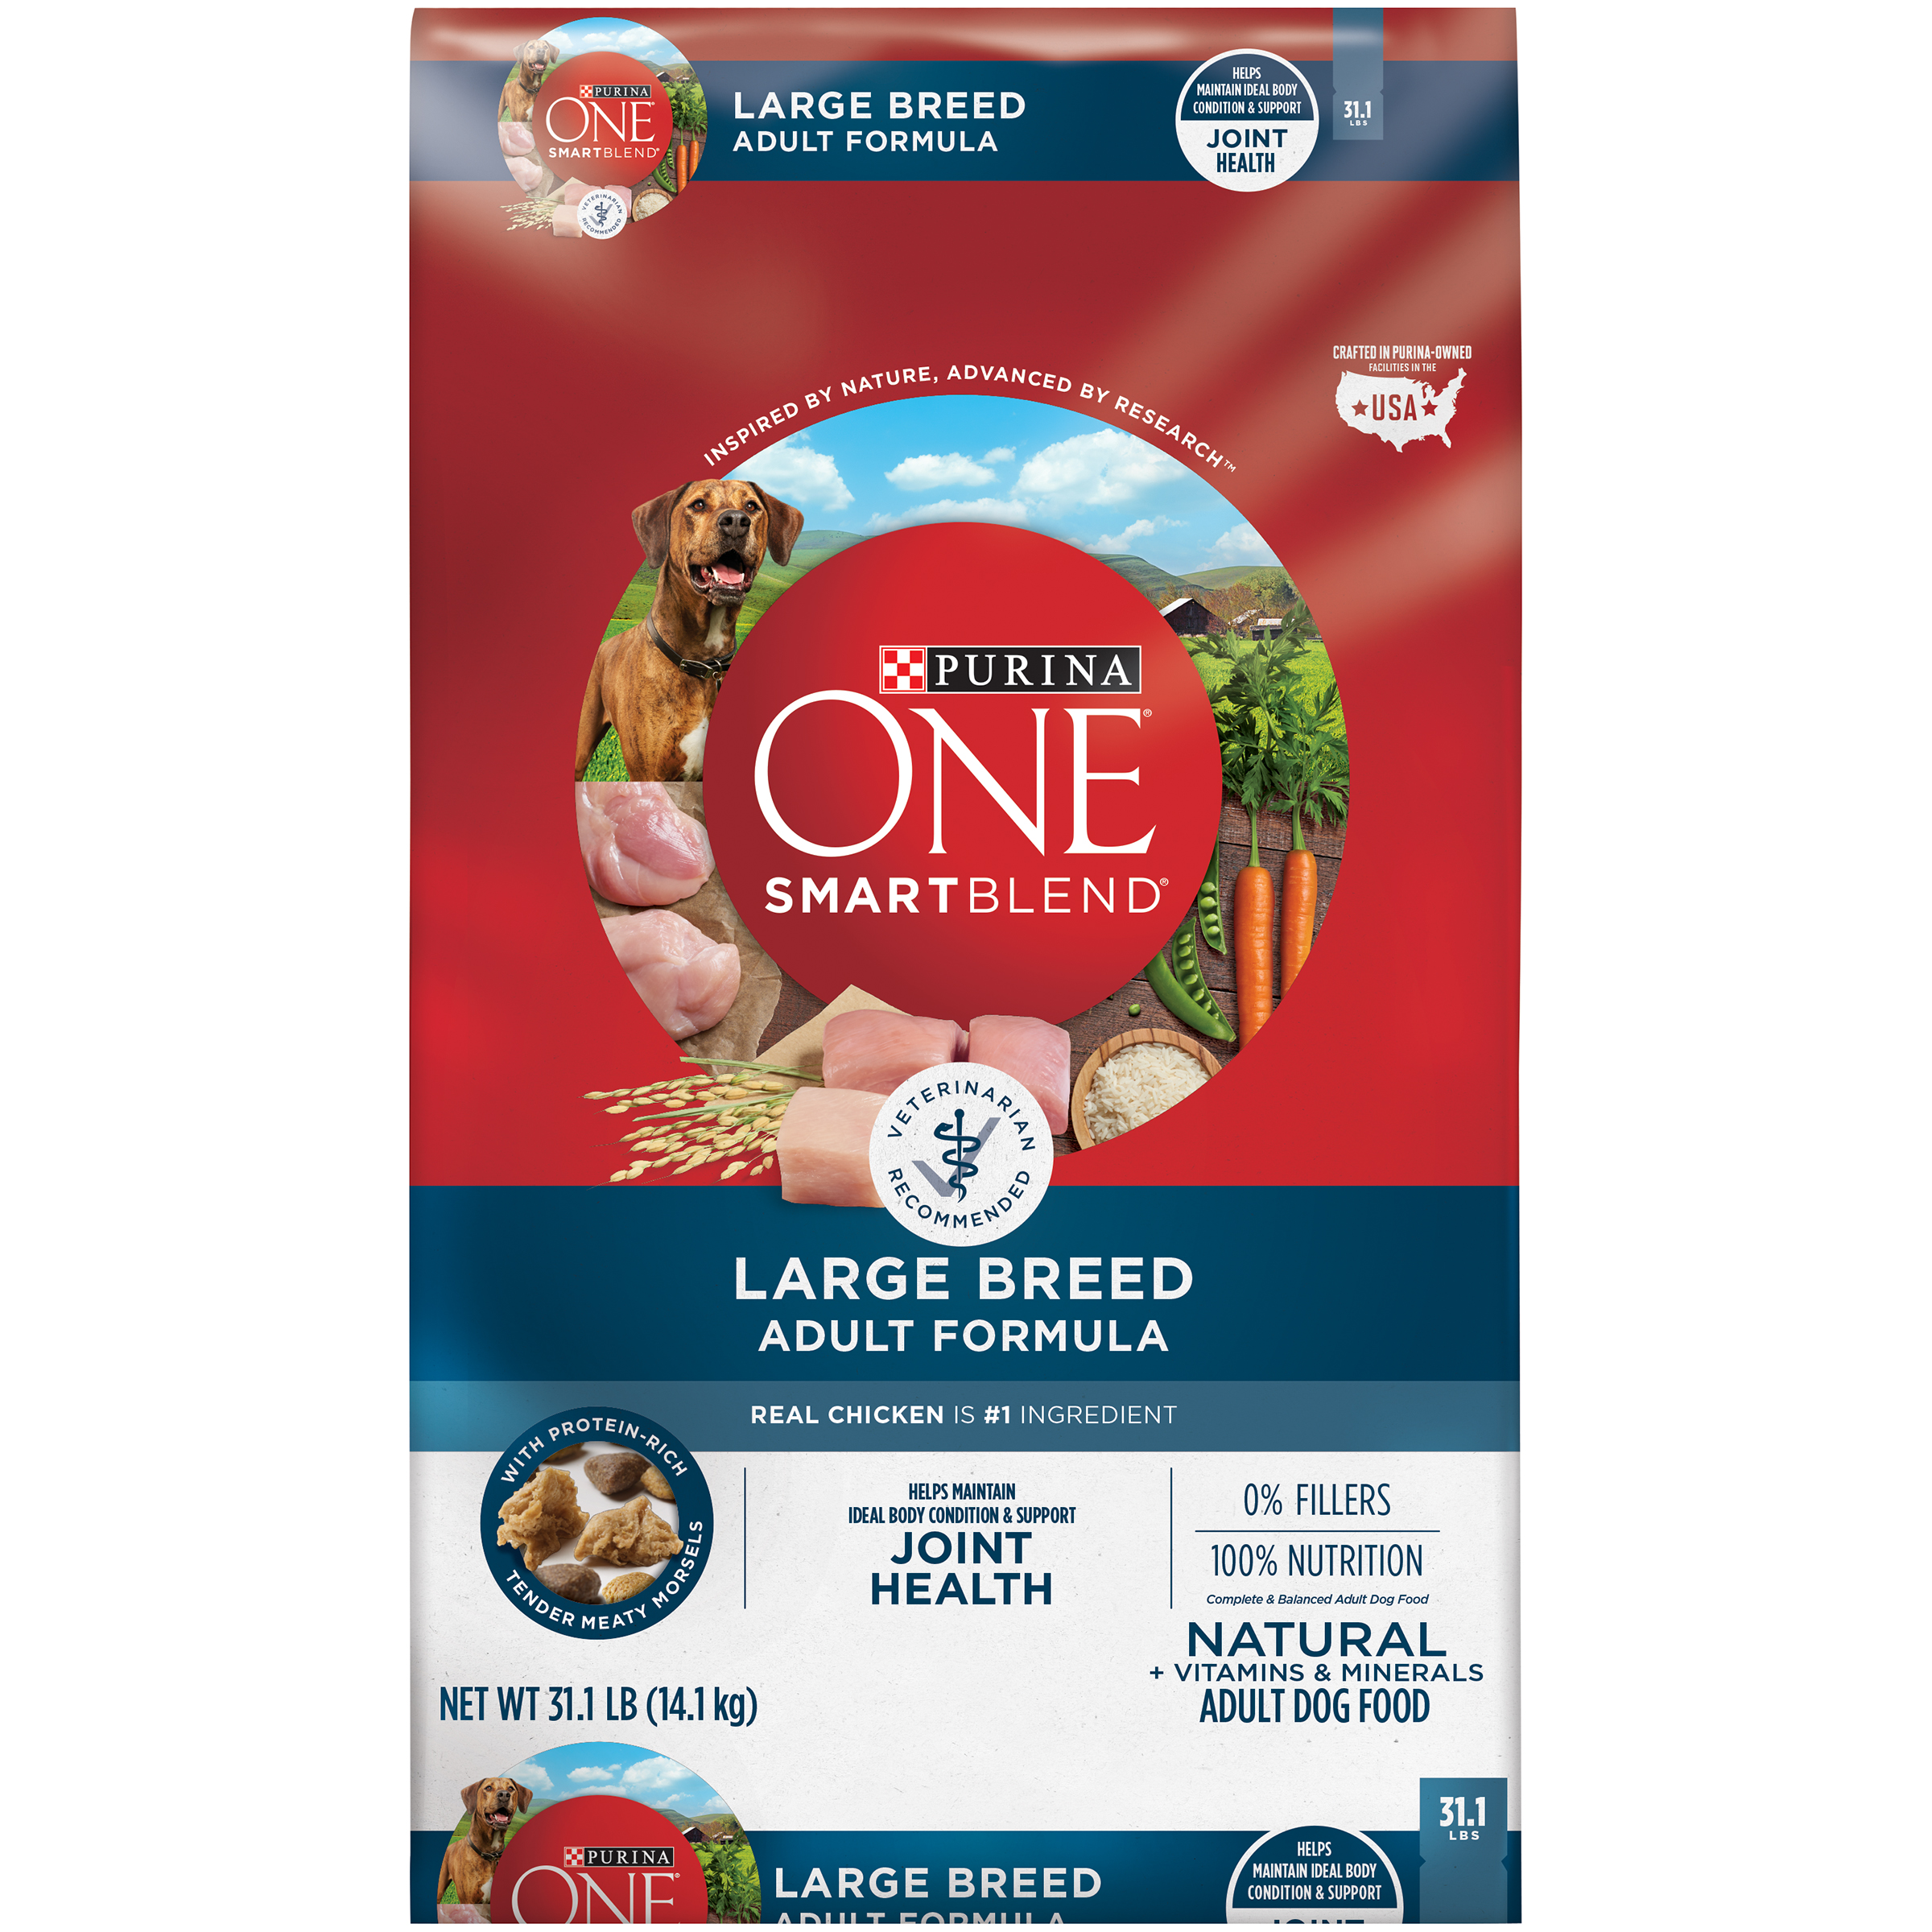 Purina ONE SmartBlend Natural Large Breed Formula Adult Dry Dog Food - 31.1 lb. Bag